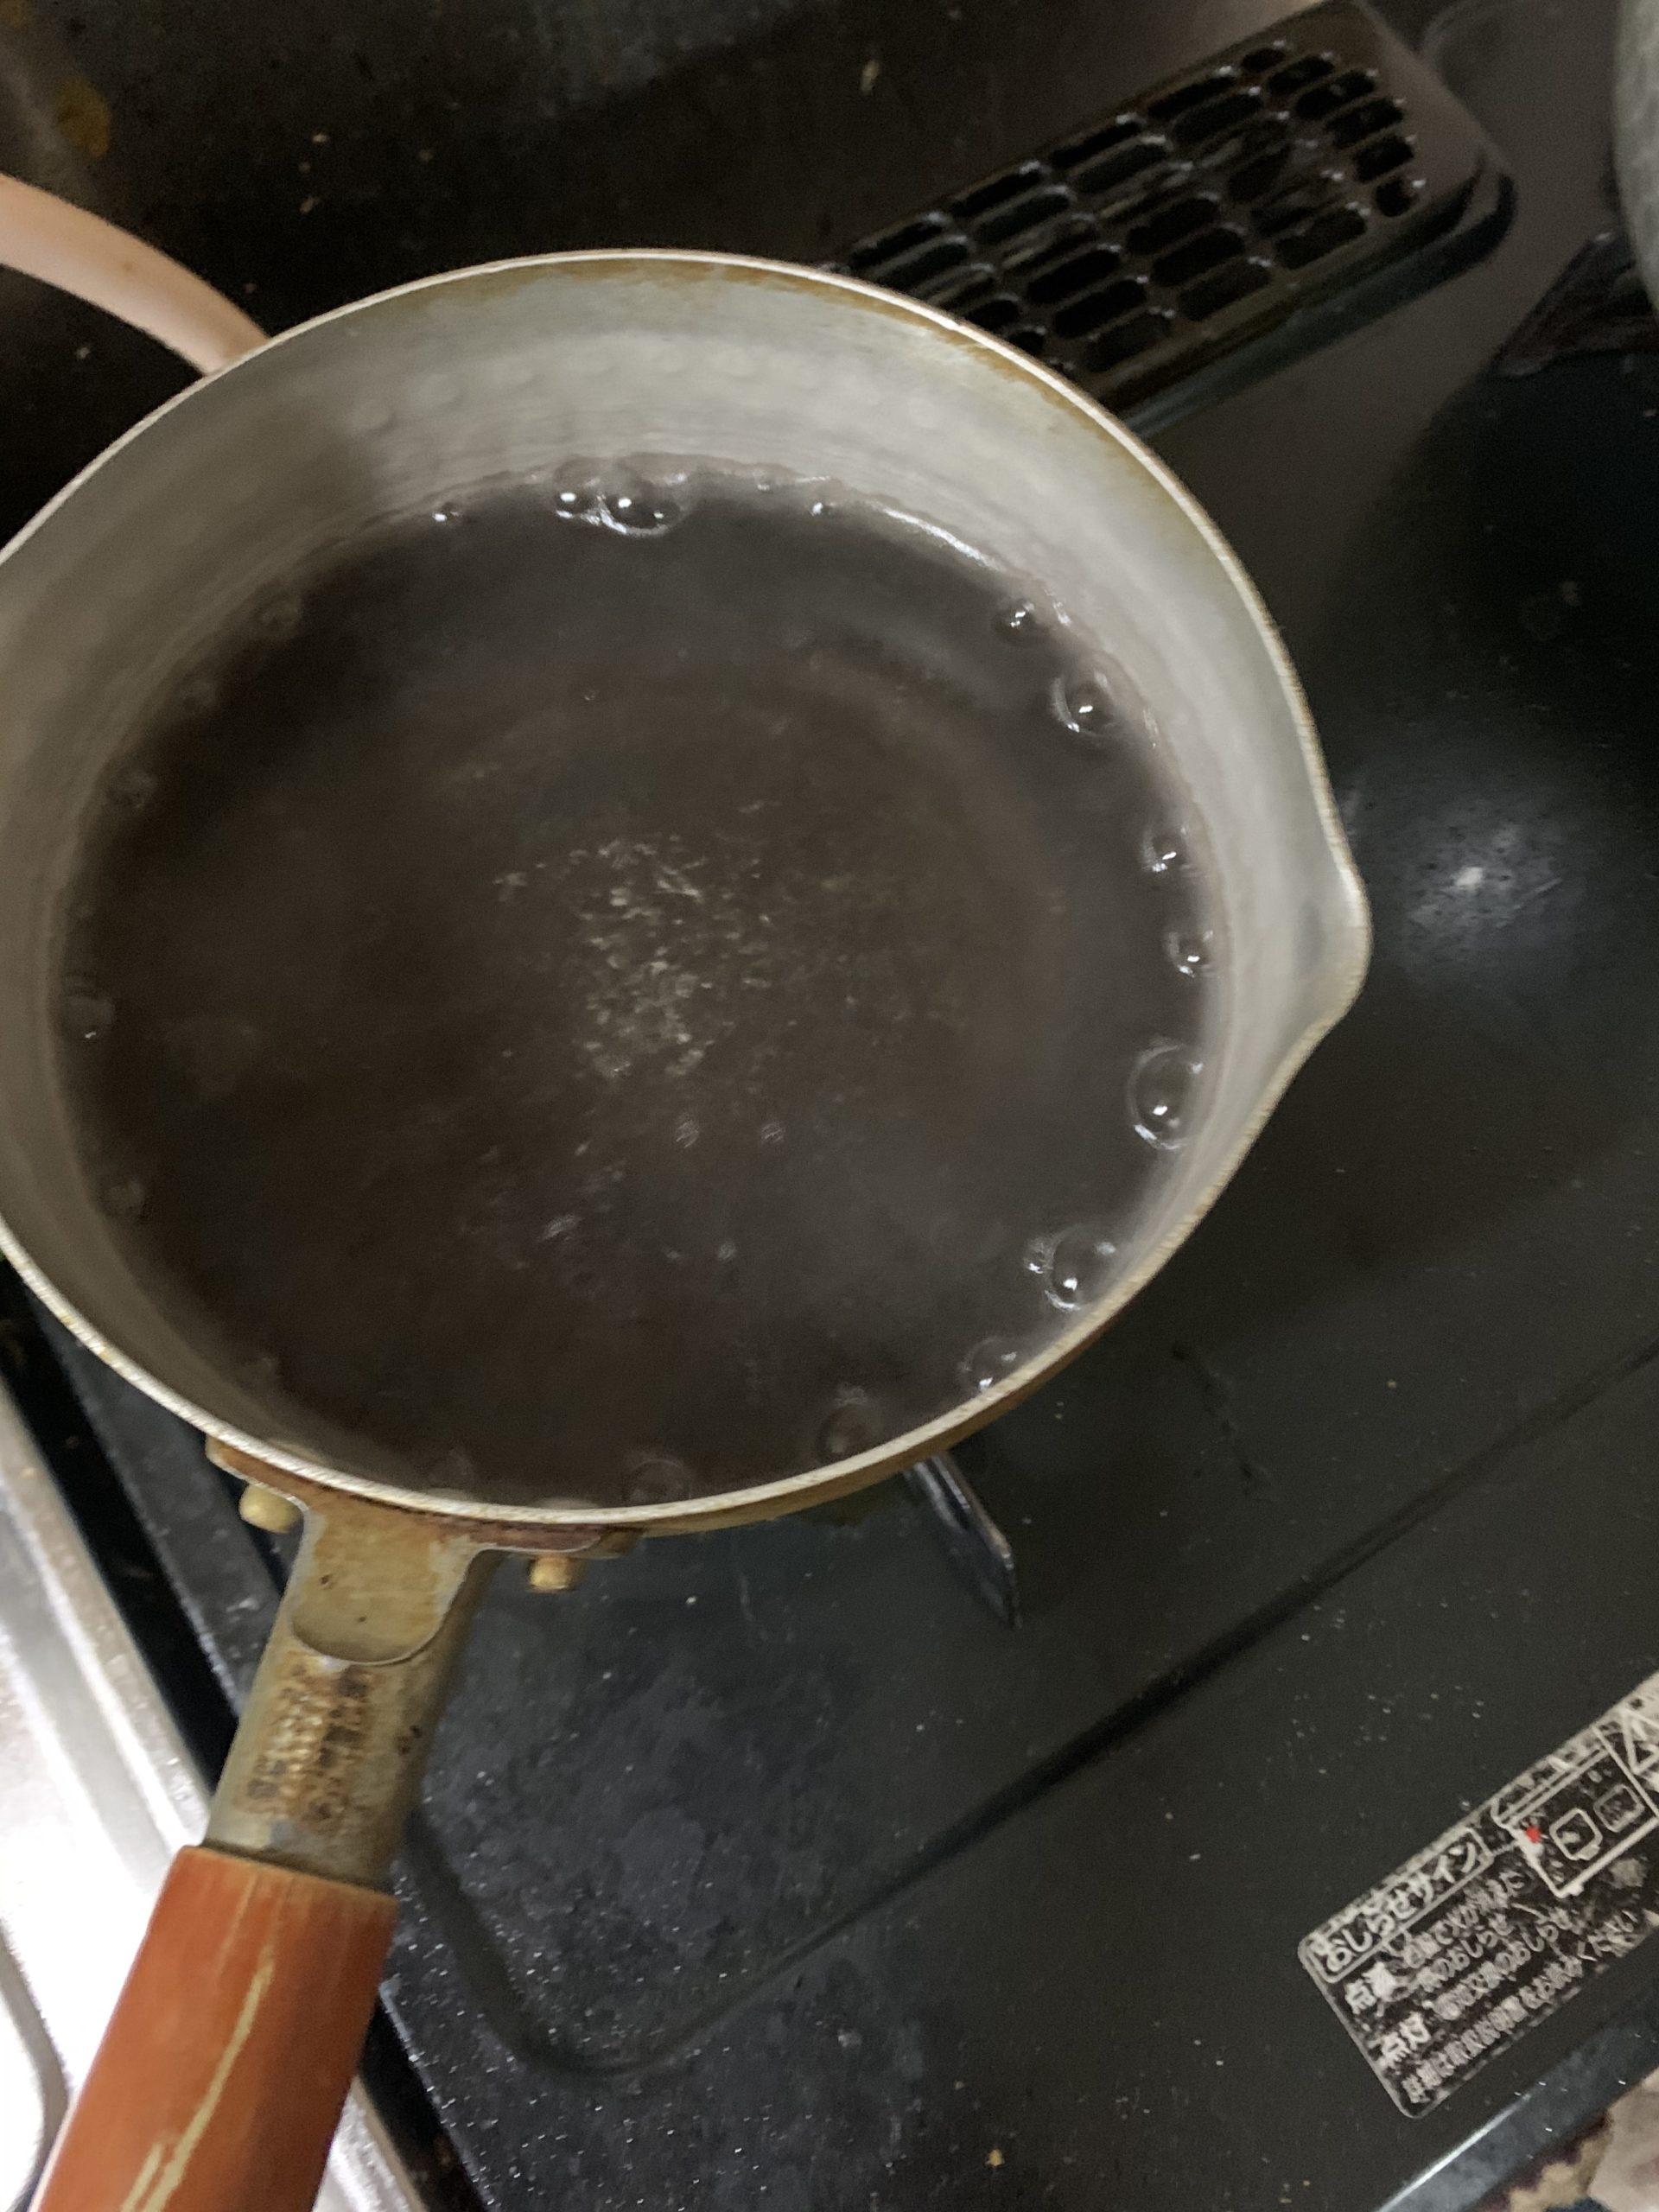 インスタント麺を作るにはお湯は欠かせない